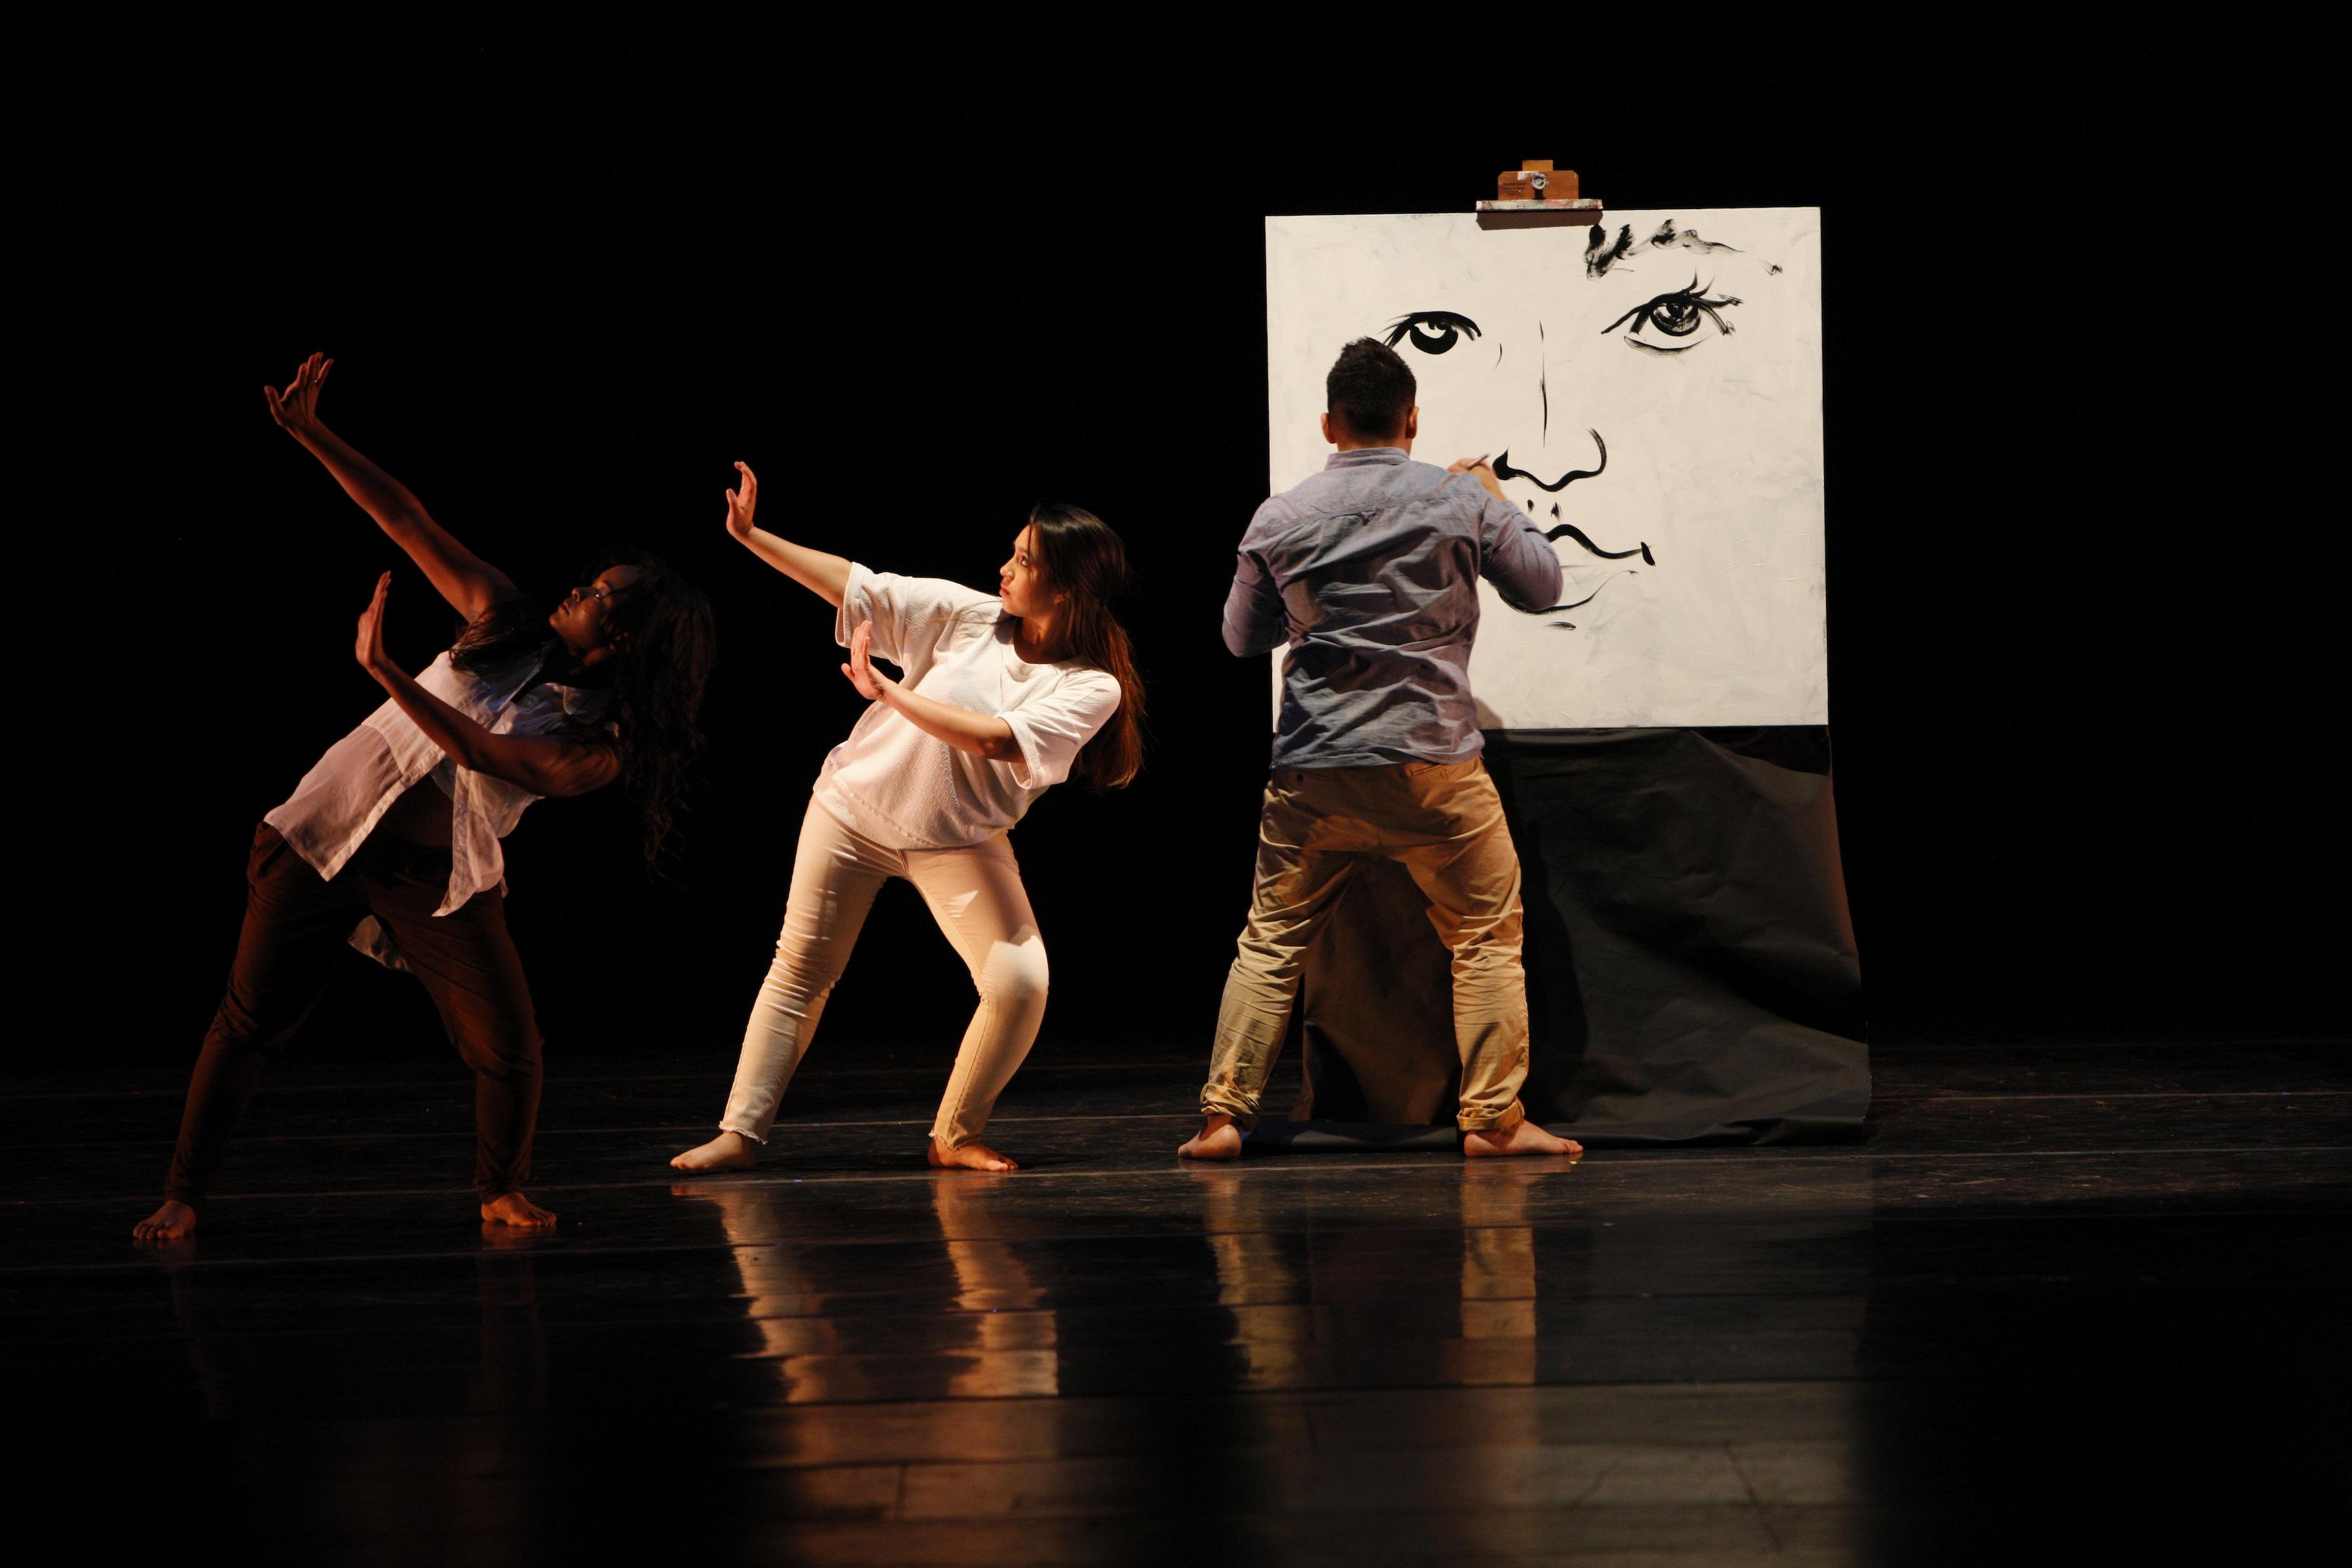 Sonkiss'd Dance Theater